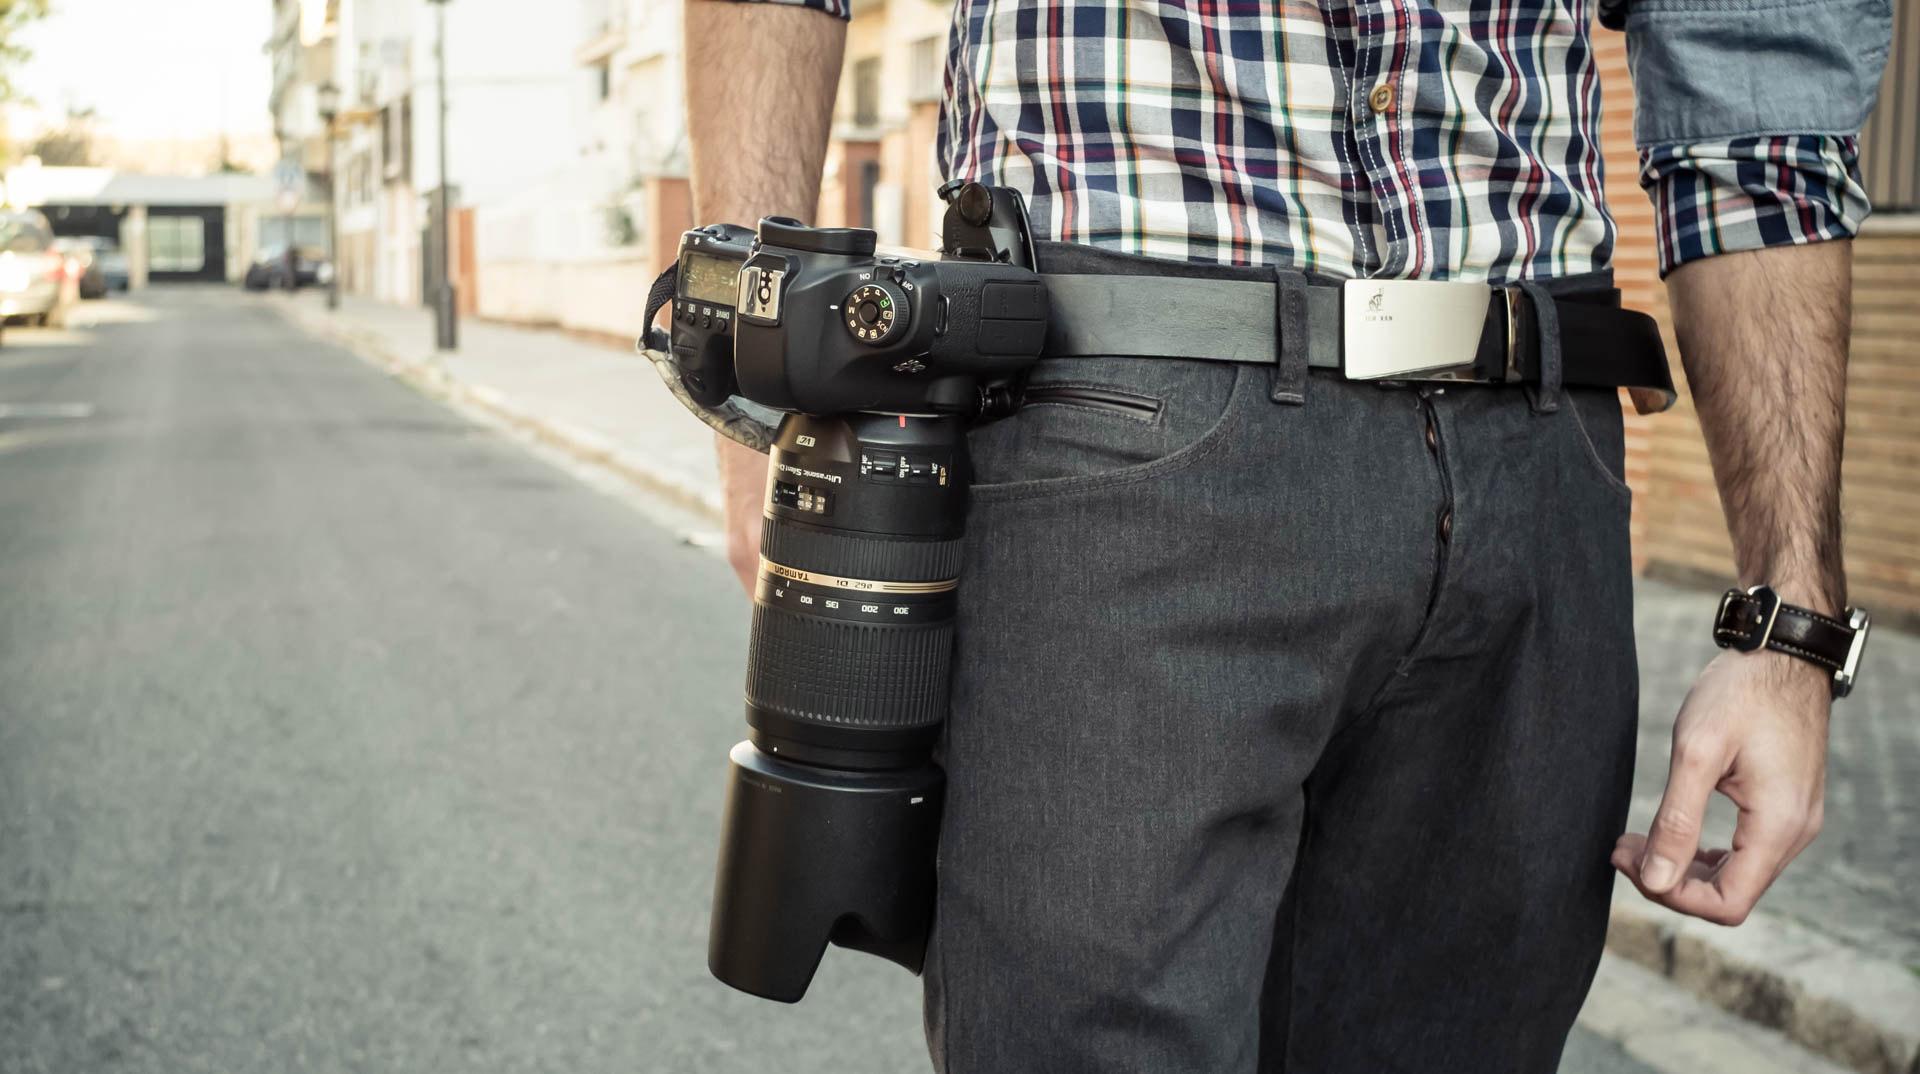 Capture: Un Ingenioso Clip para Sujetar tu Cámara a Cualquier Correa